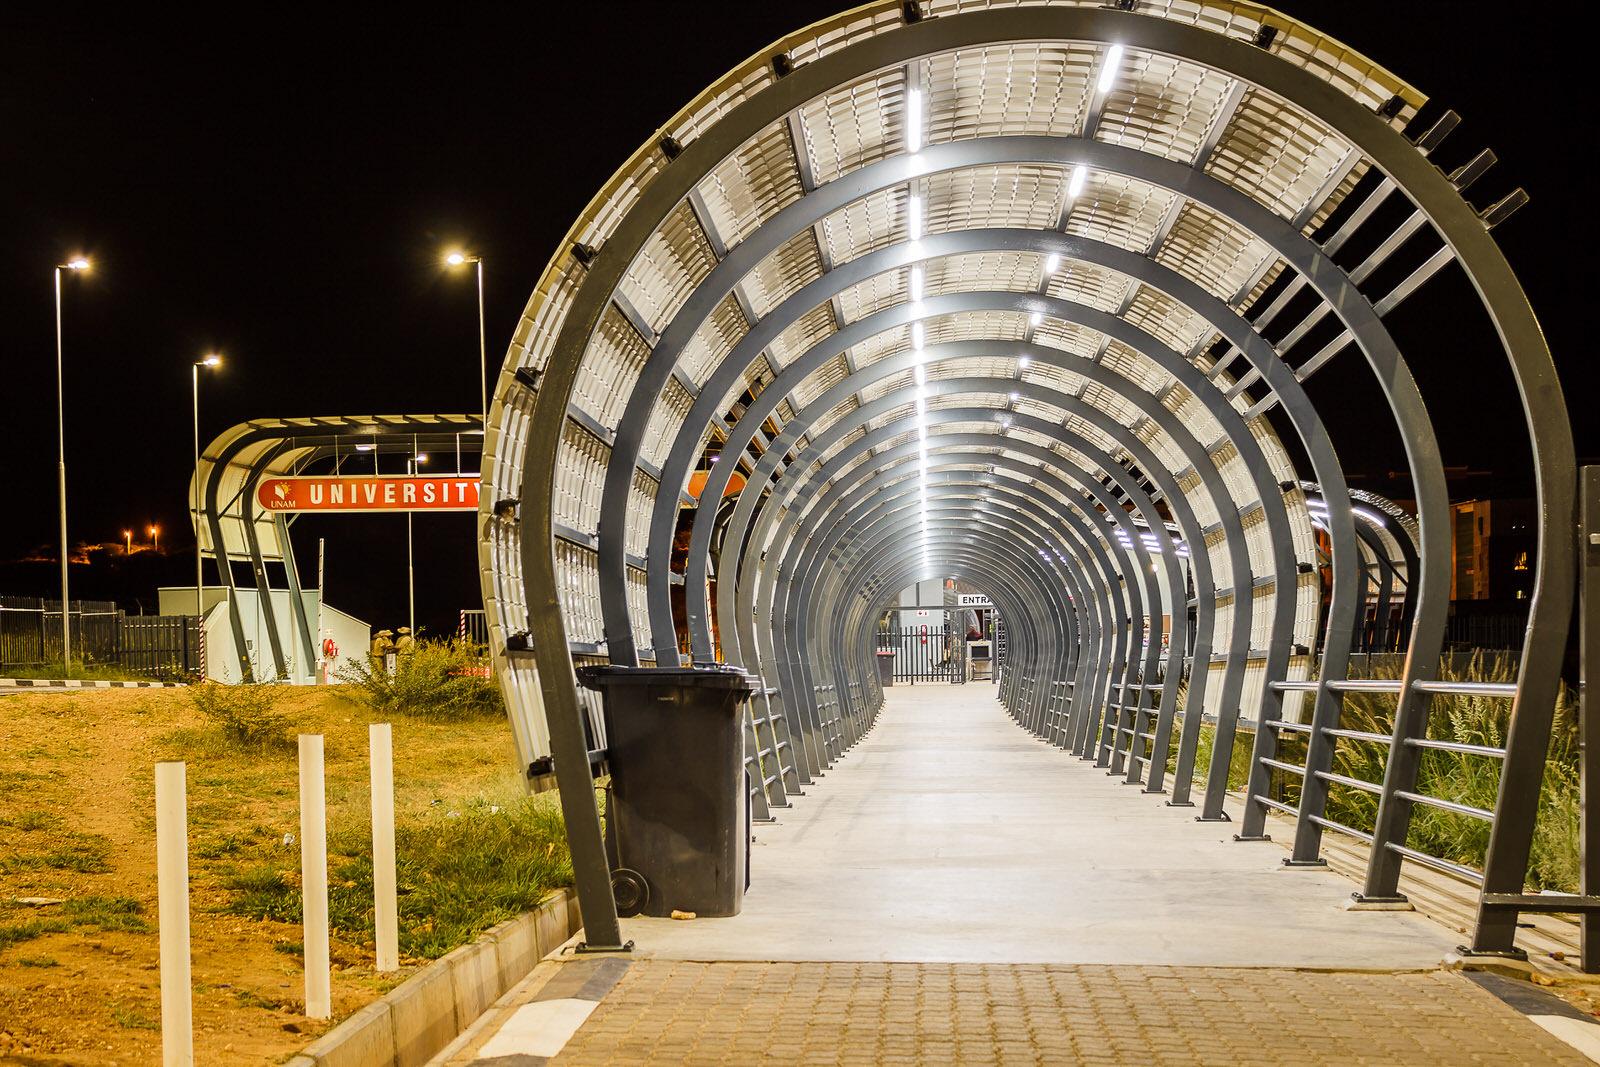 UNAM_Gate-0507